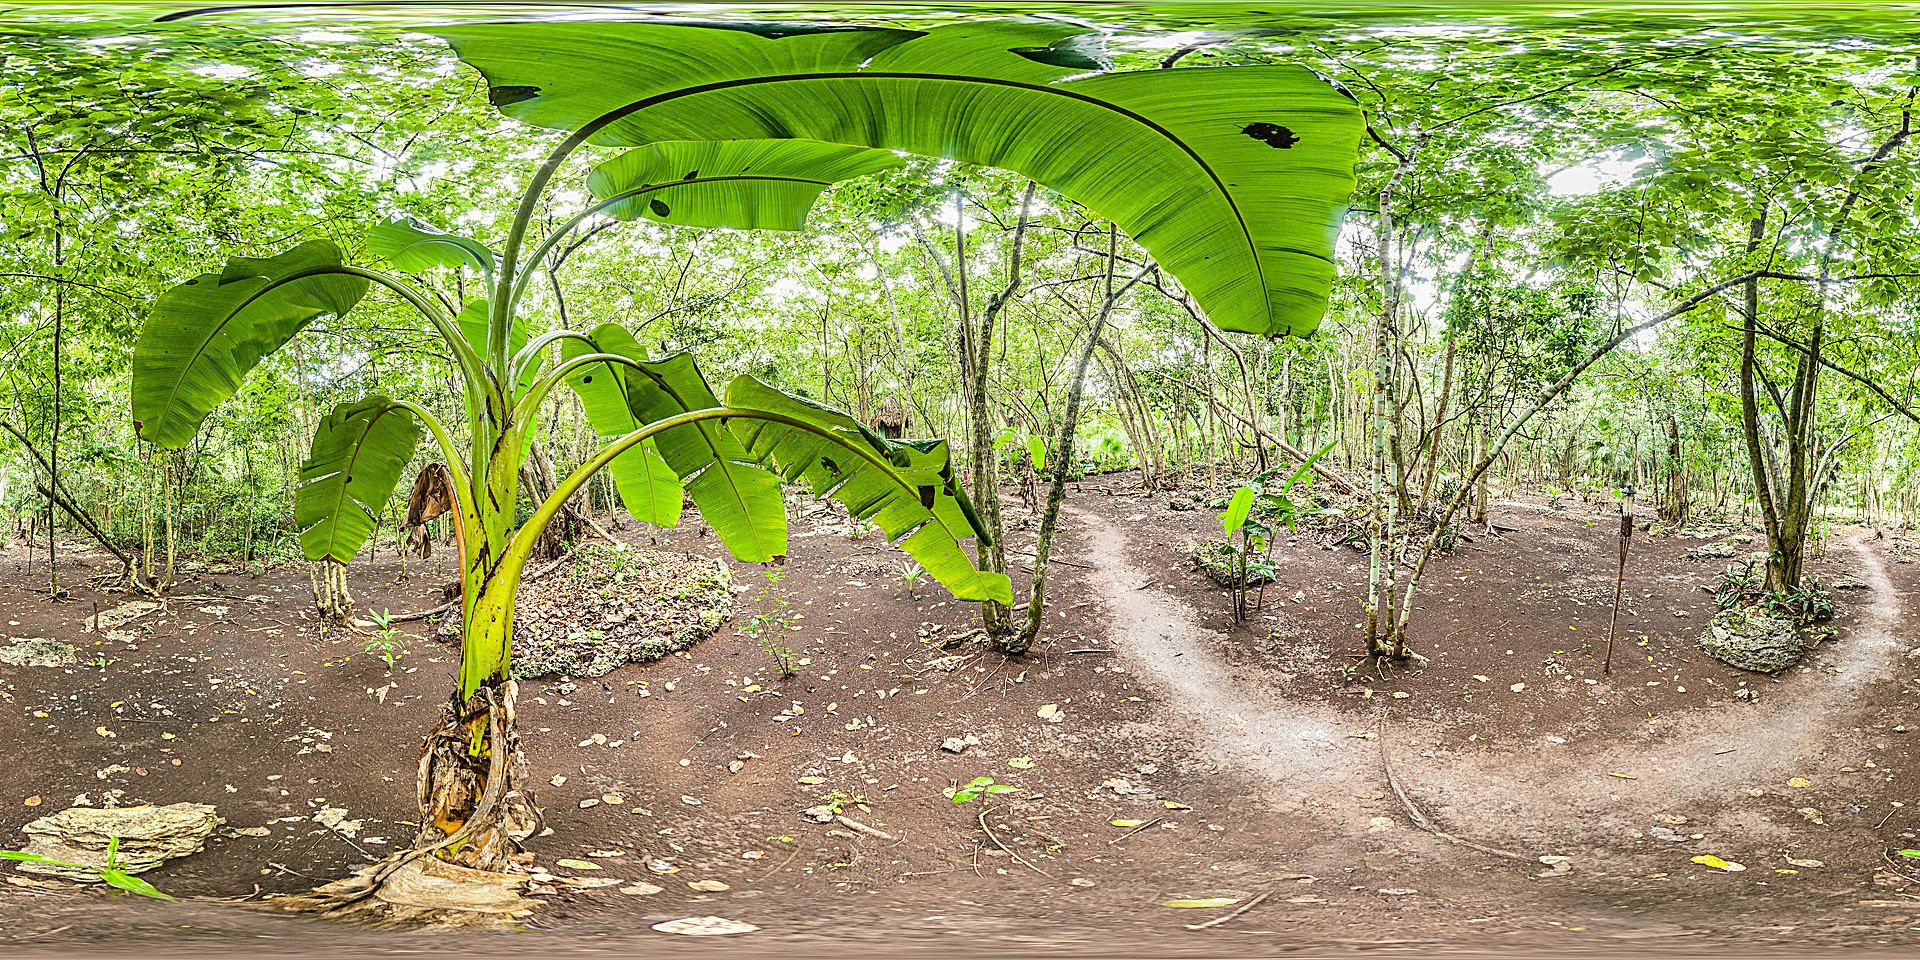 Bananenpflanze im Regenwald von Mexiko